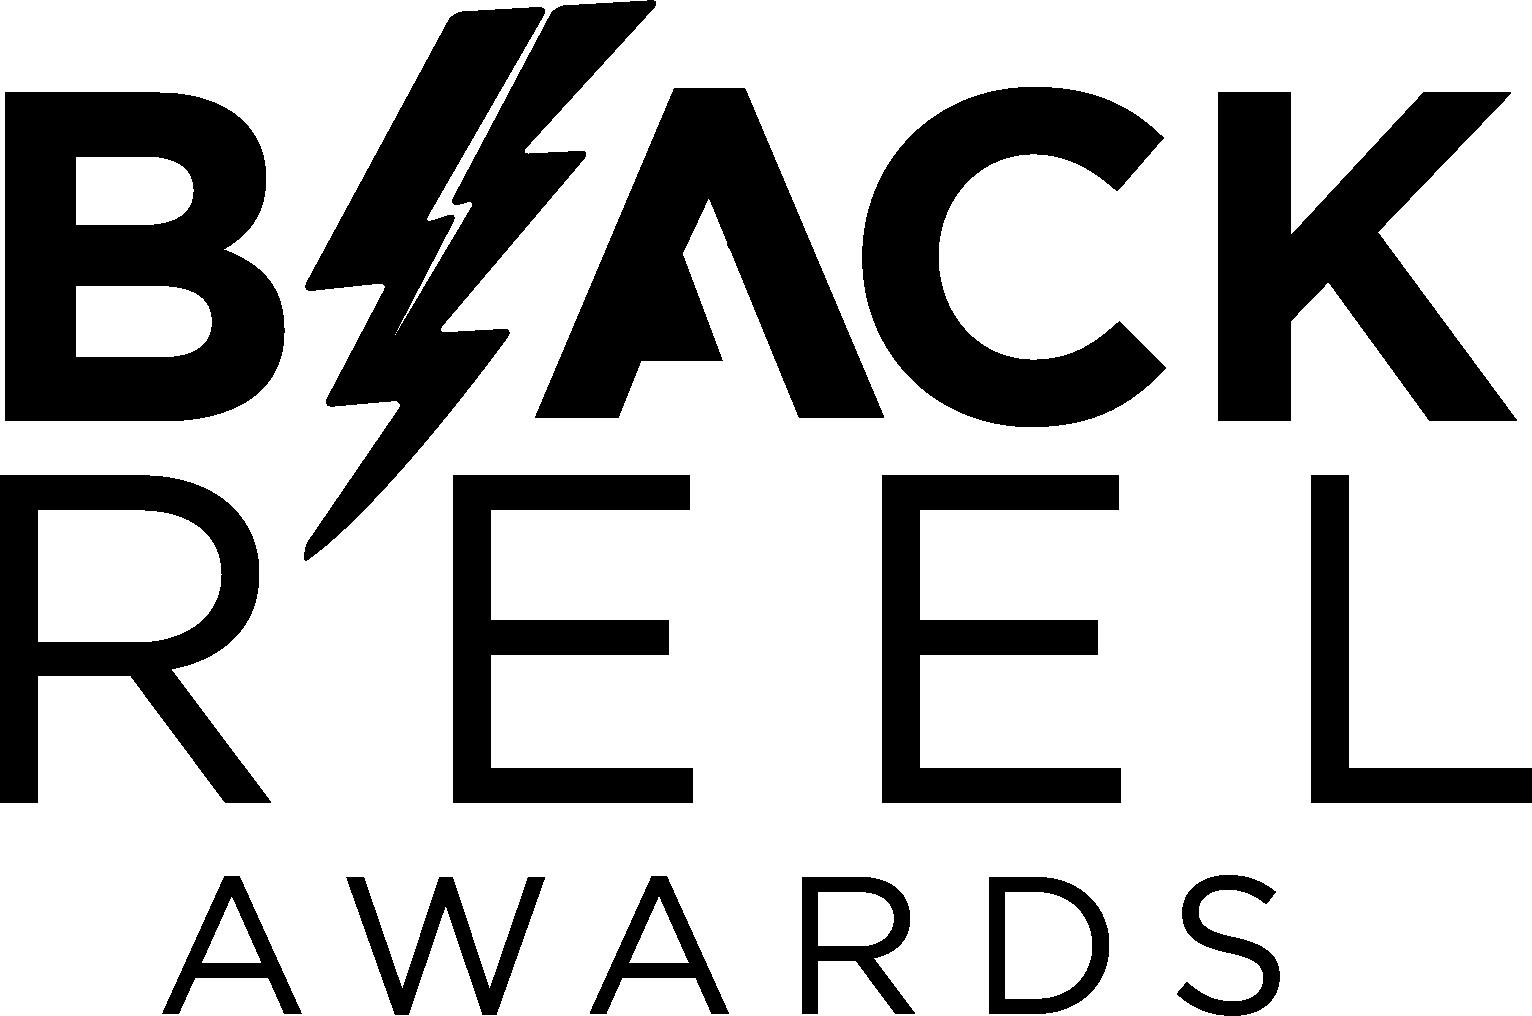 Third Image